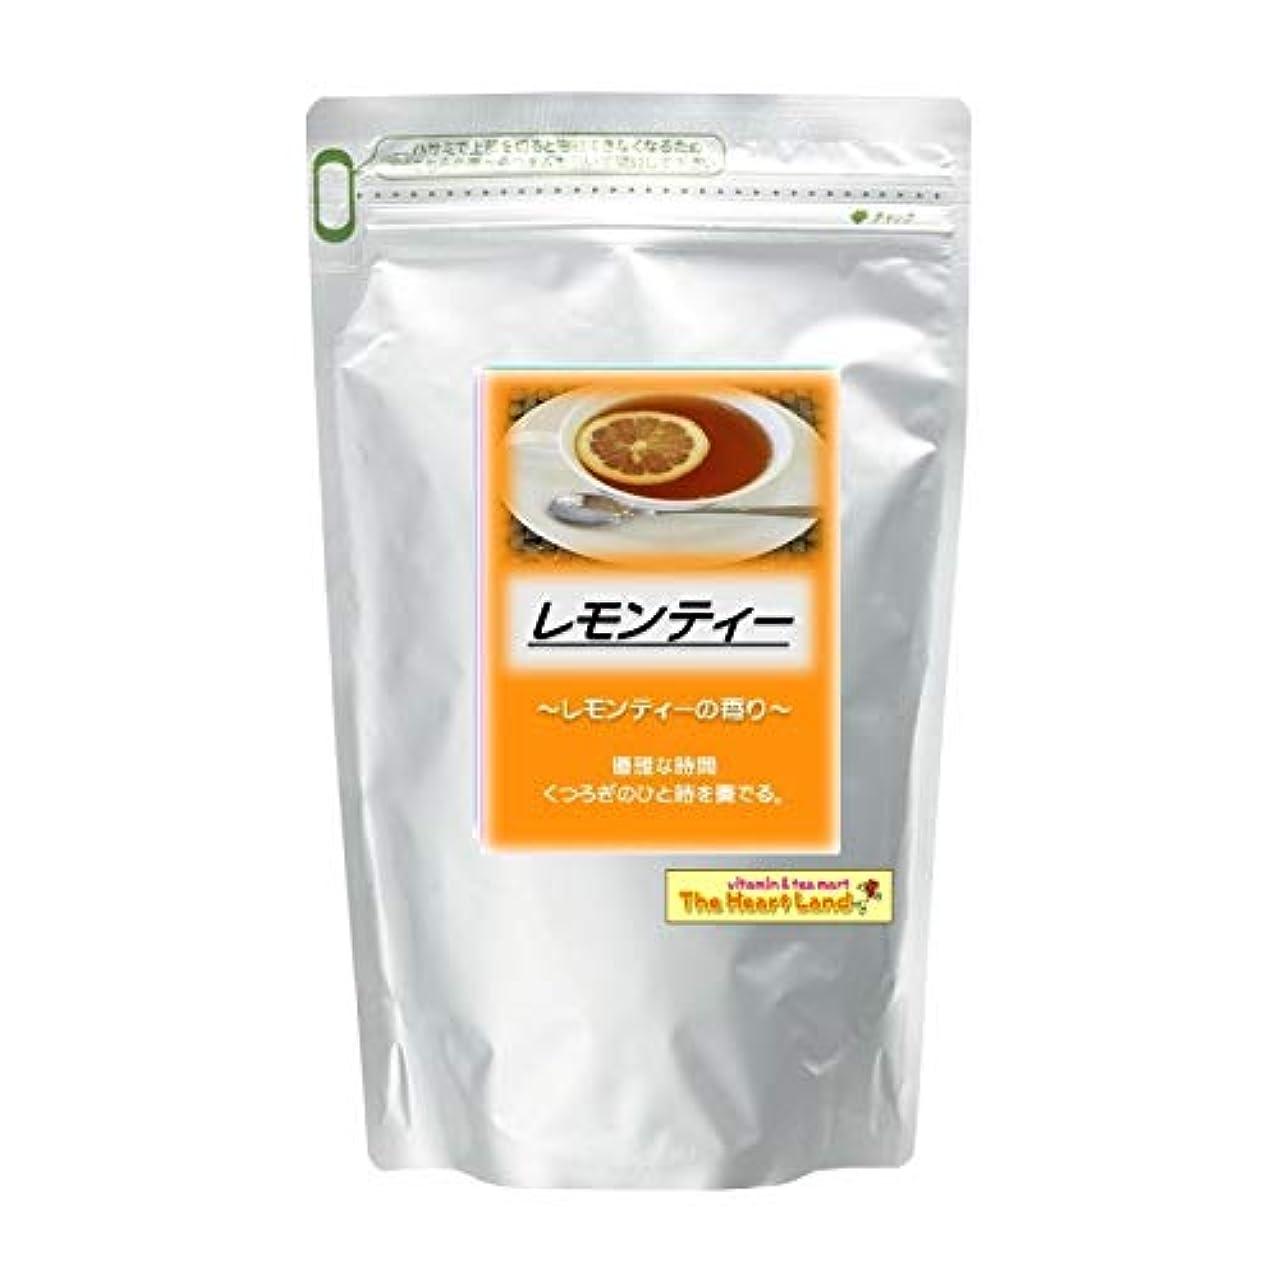 暖かくブリリアントオフセットアサヒ入浴剤 浴用入浴化粧品 レモンティー 2.5kg